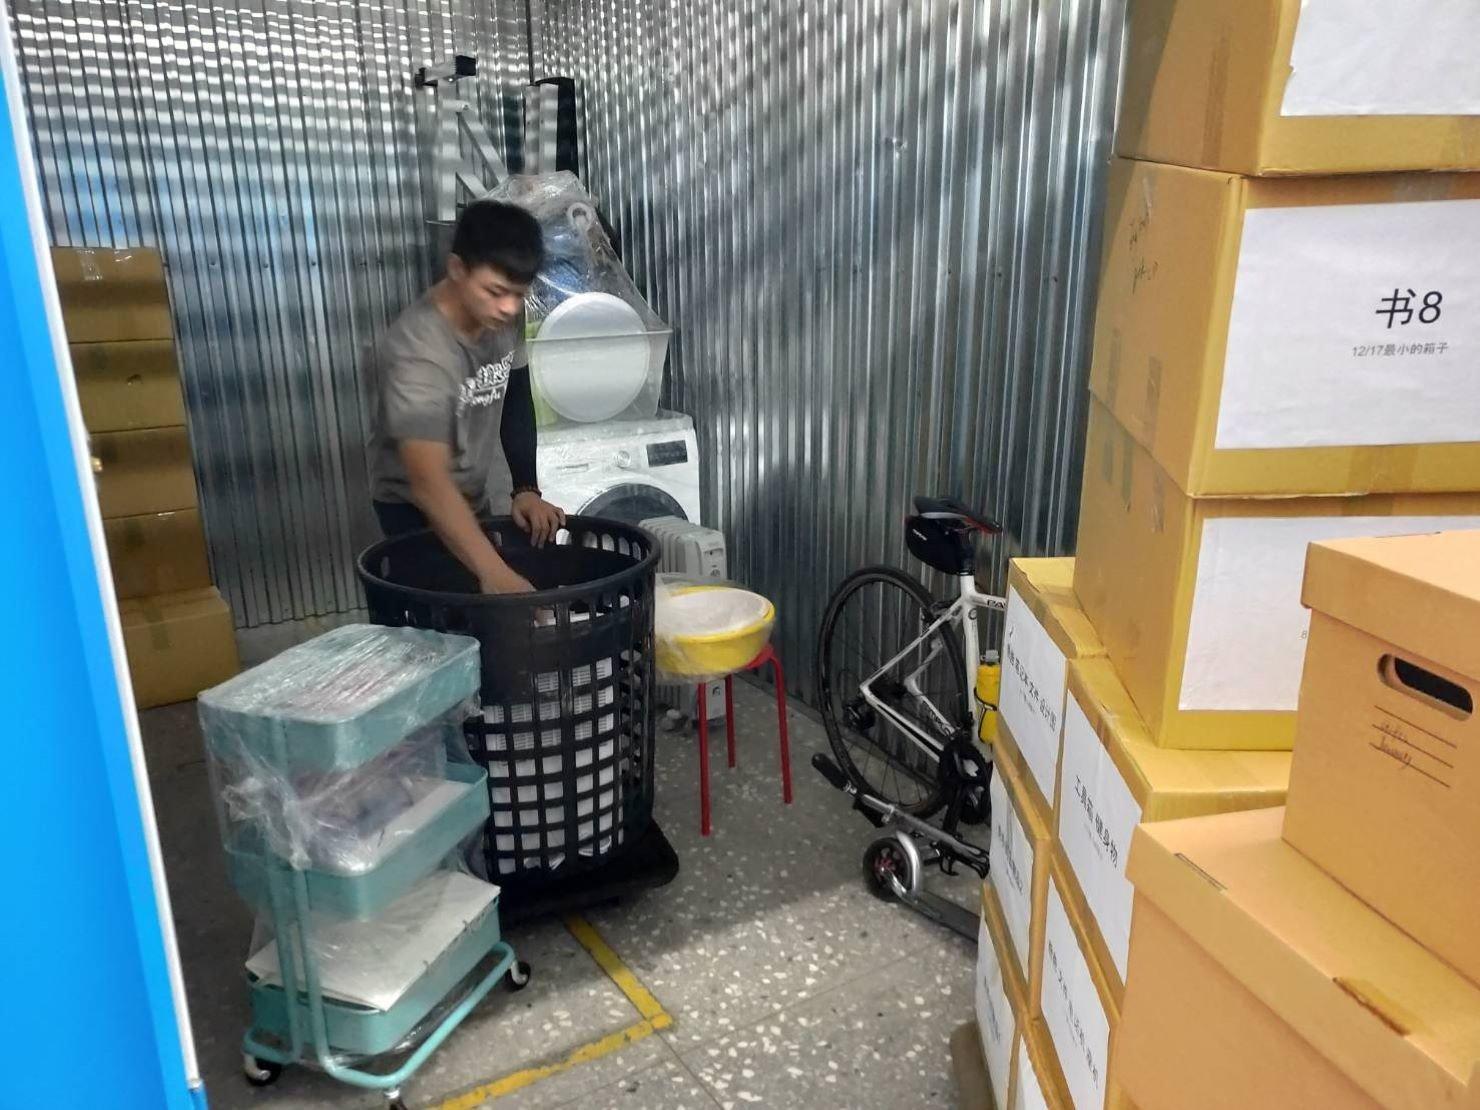 搬家公司推薦【榮福搬家貨運有限公司】搬家口碑第一、、台北搬家:現場榮福有提供黑色簍子給客戶裝些小物。